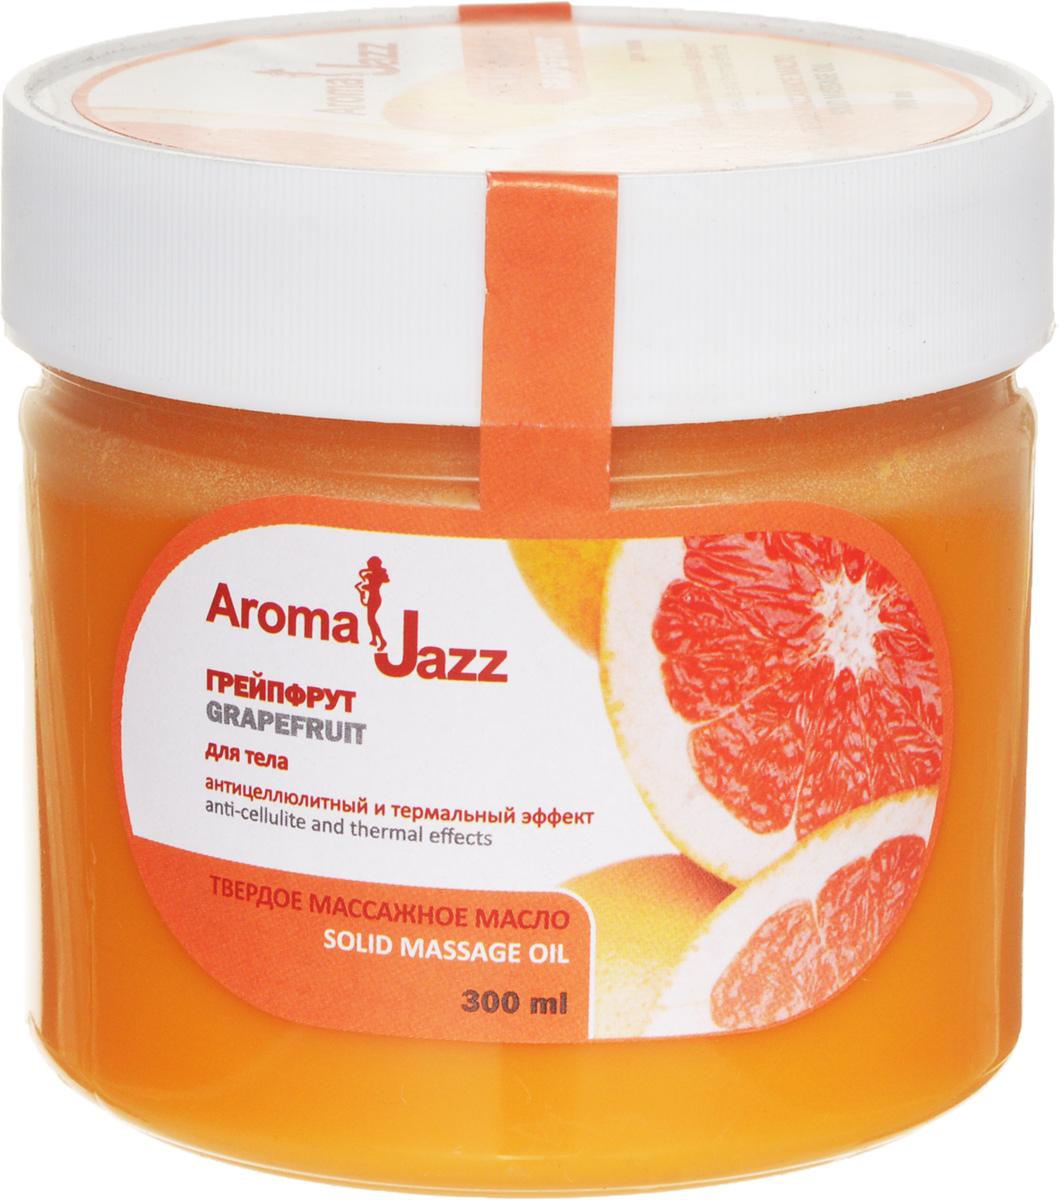 Aroma Jazz Твердое масло Антицеллюлитное Грейпфрут, 300 млFS-00897Действие: повышает упругость кожи, укрепляет стенки капилляров, ускоряет кровообращение, выводит из организма токсины и шлаки, обладает выраженными антицеллюлитным и разогревающим свойствами. Масло отлично подходит не только для различных видов массажа, но и для процедур обертывания. Противопоказания: индивидуальная непереносимость компонентов продукта. Срок хранения: 24 месяца. После вскрытия упаковки использовать в течении 6 месяцев.